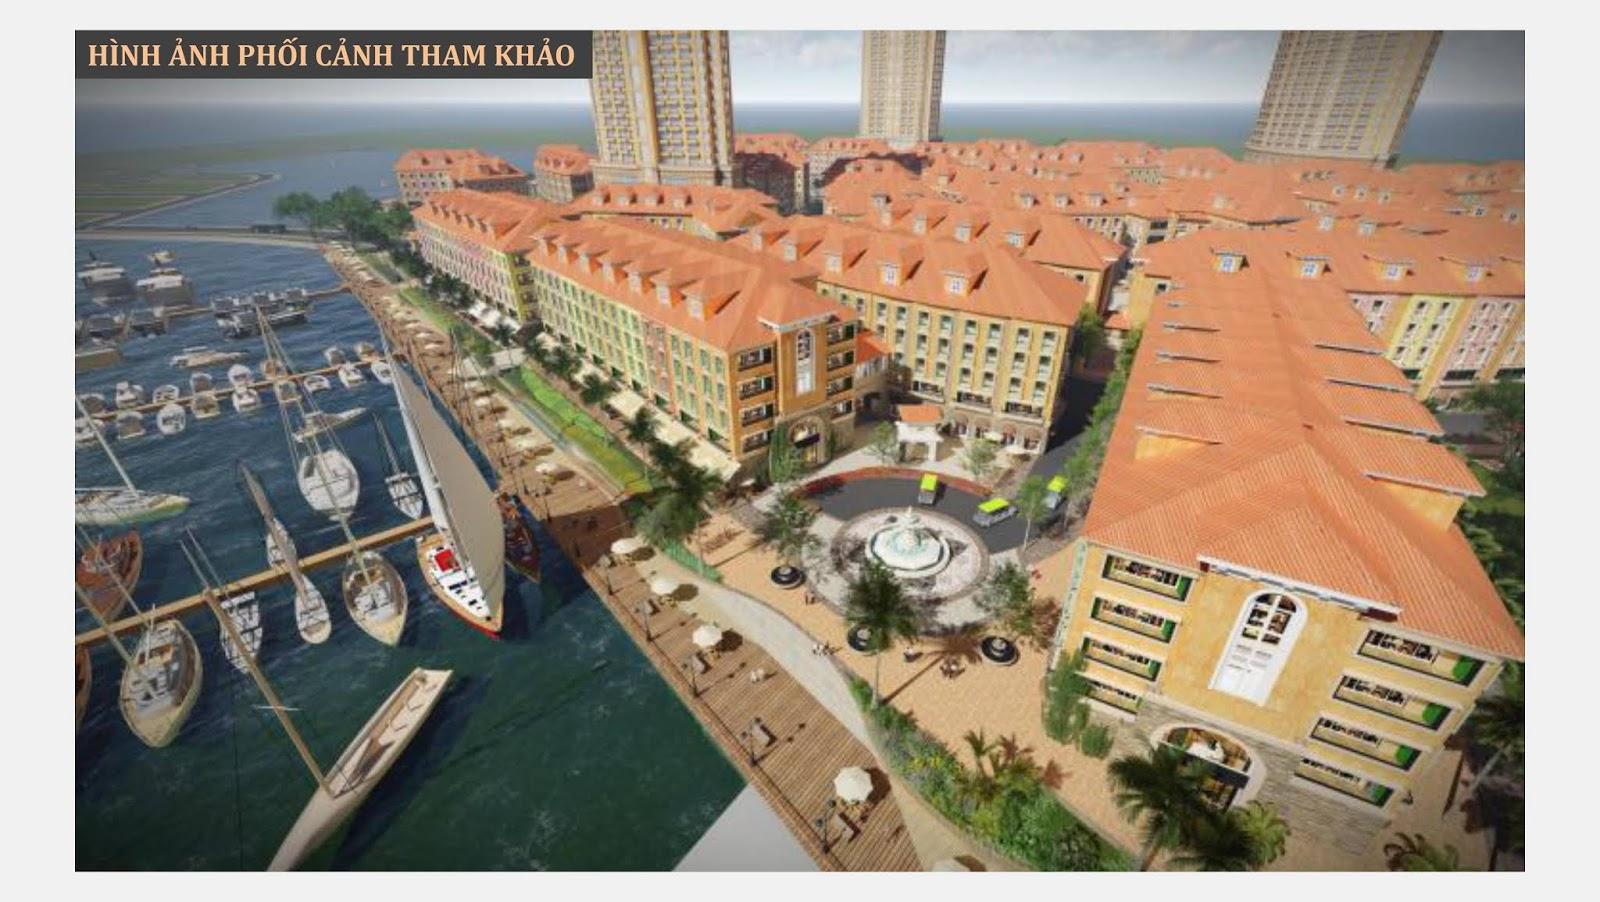 Phối cảnh thiết kế Nhà phố Harbor Bay